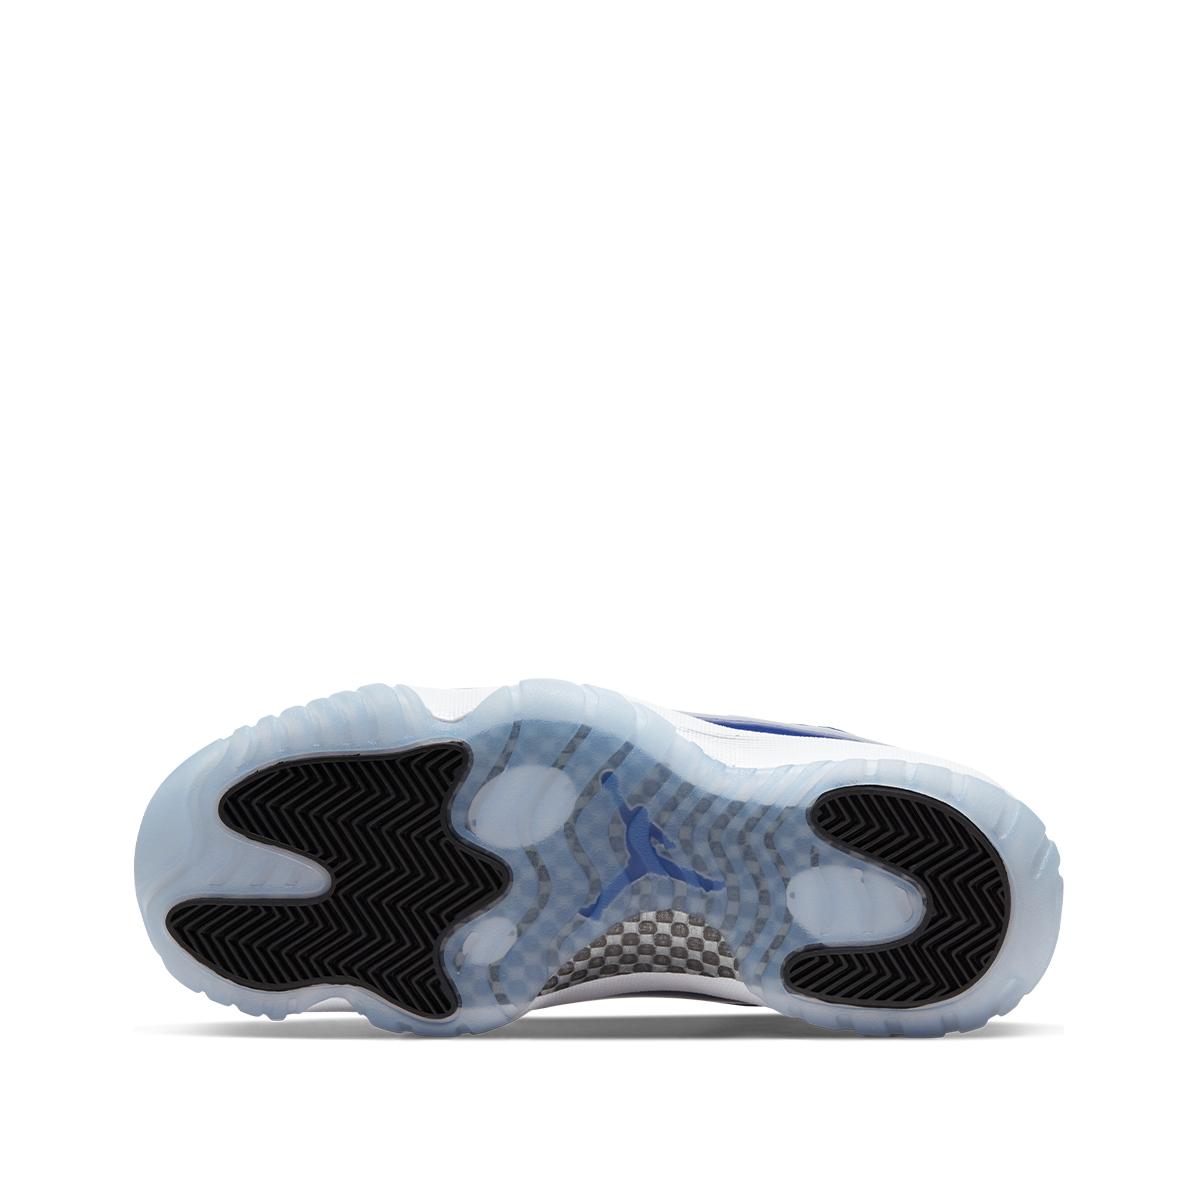 Nike Air Jordan 11 Retro Low